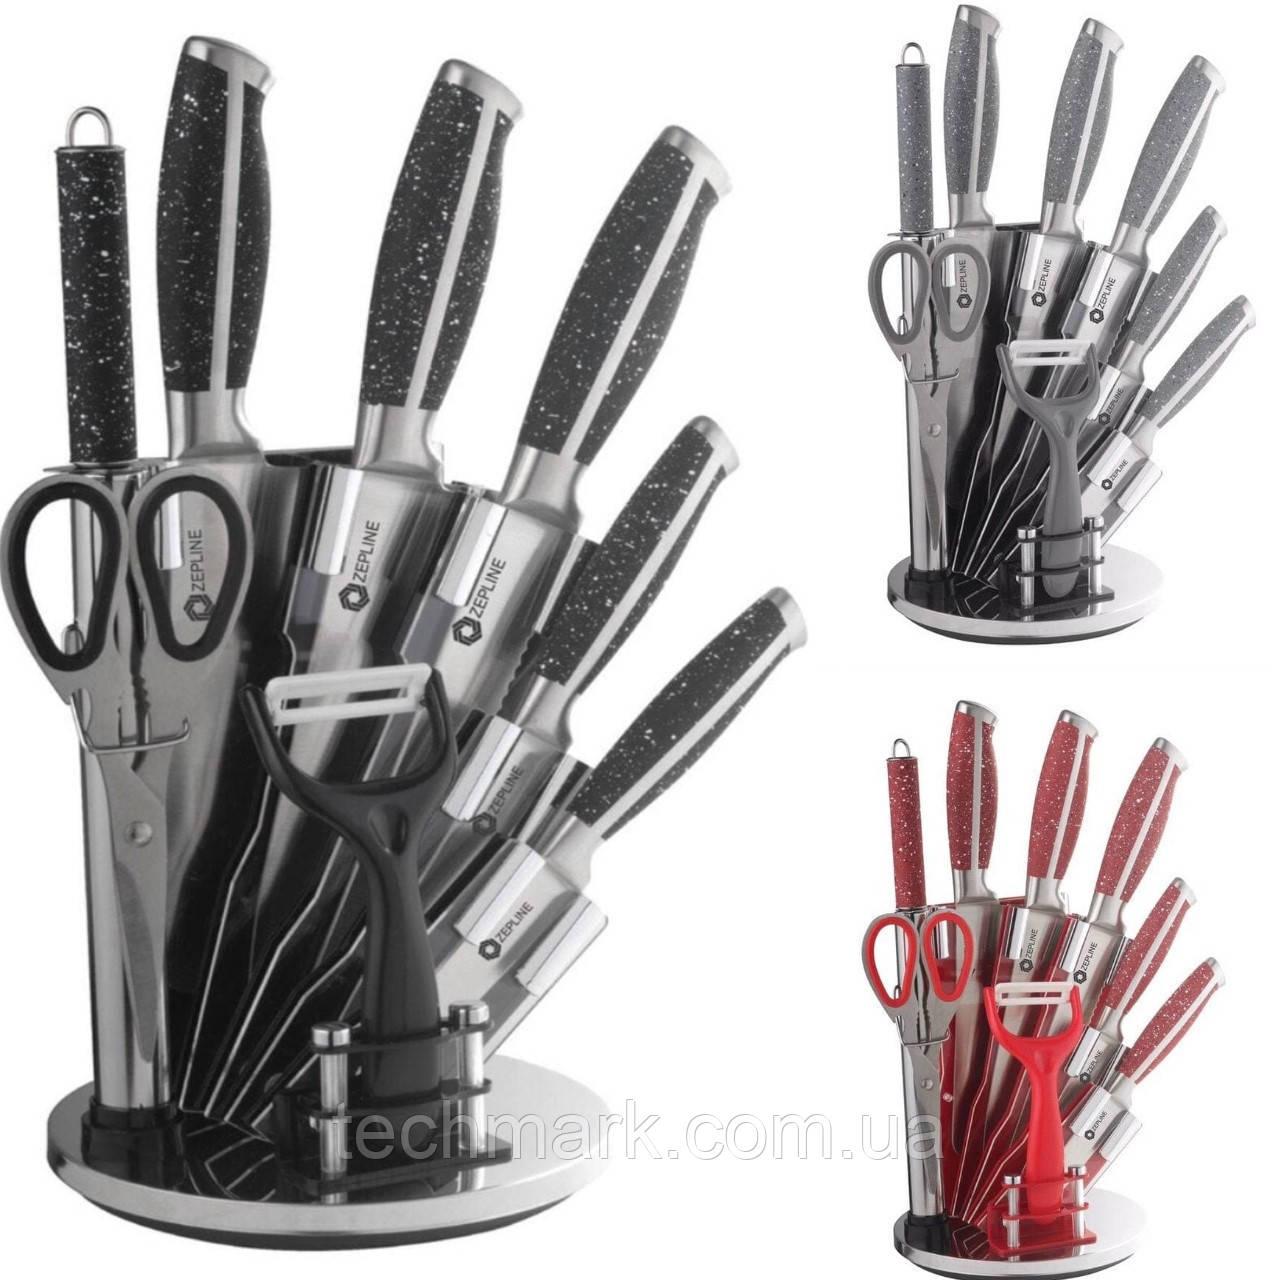 Набір кухонних ножейс підставкою Zepline ZP-027 (з 8 предметів.) ТМ